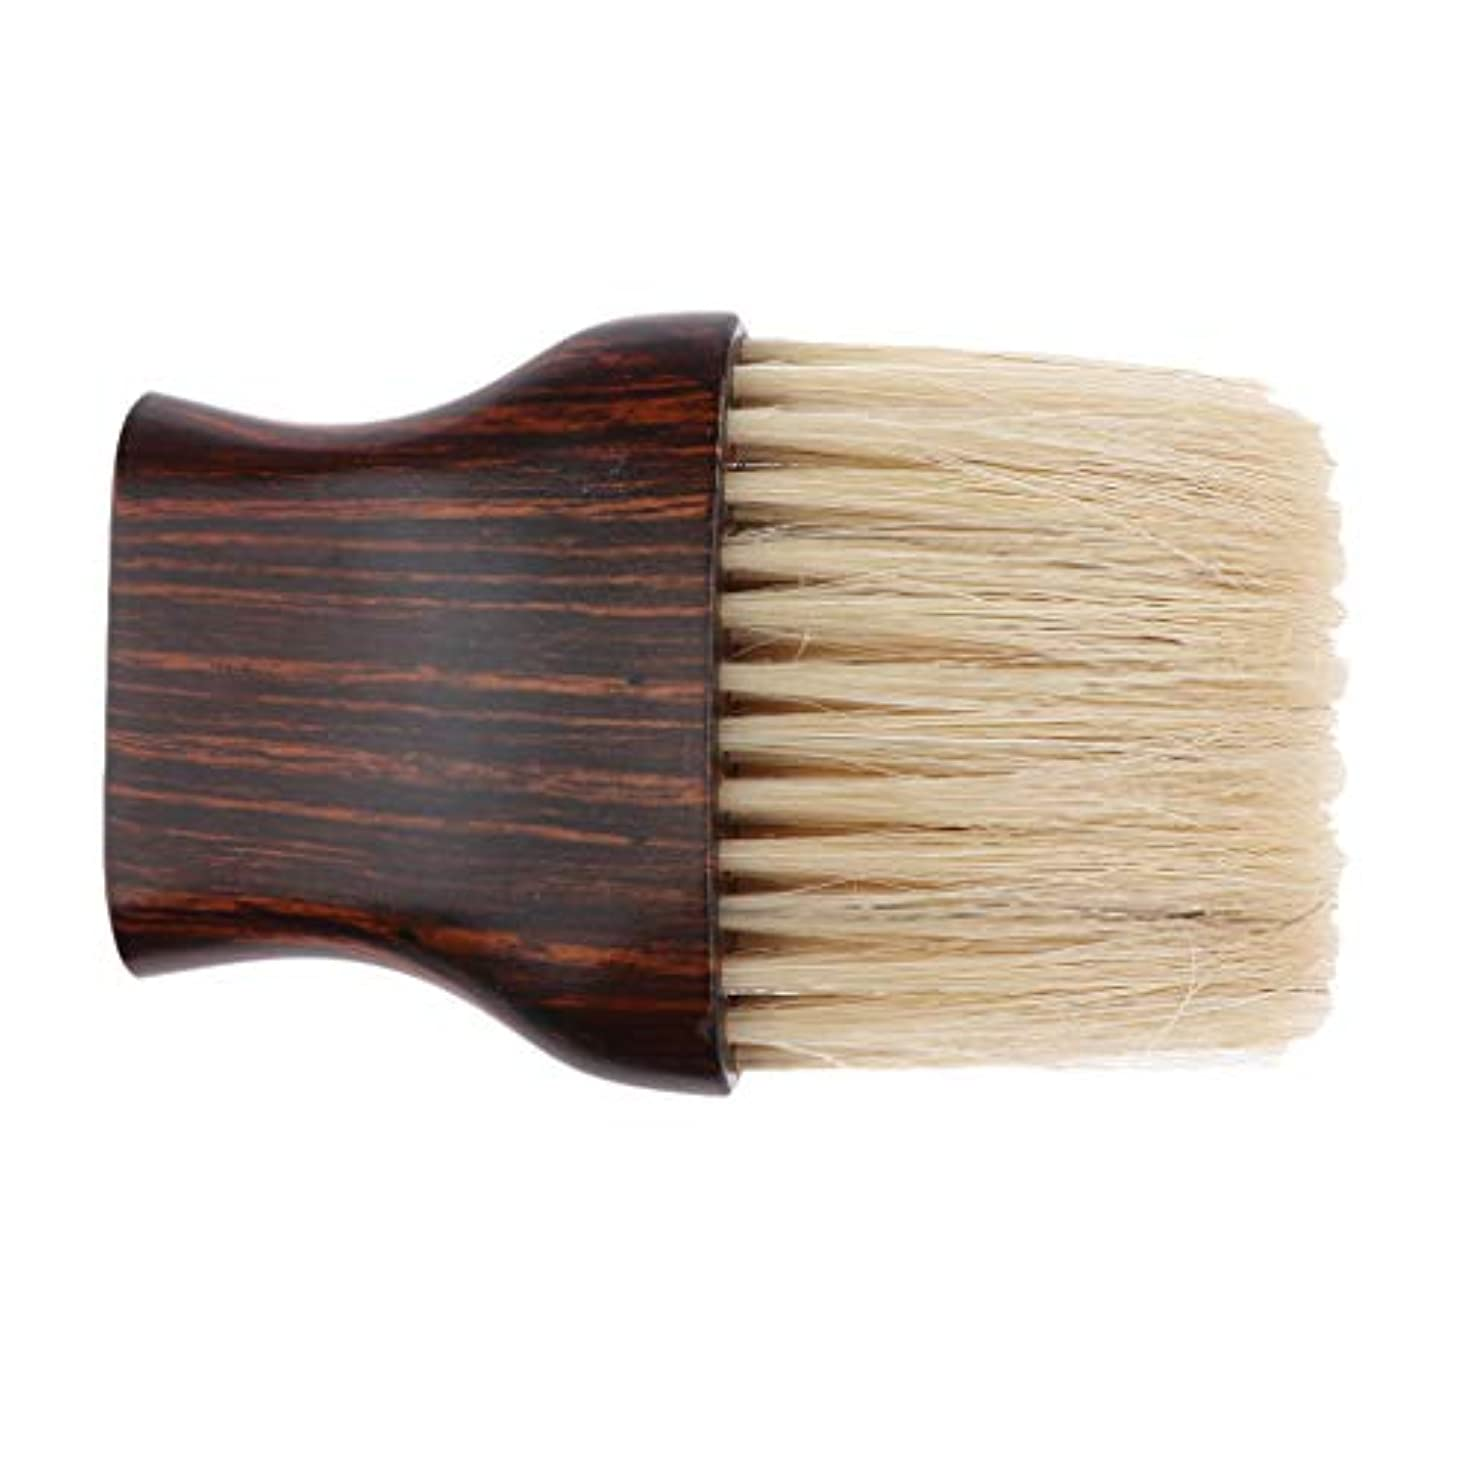 広々とした幅カメヘアブラシ 毛払いブラシ 木製ハンドル 散髪 髪切り 散髪用ツール 理髪店 美容院 ソフトブラシ